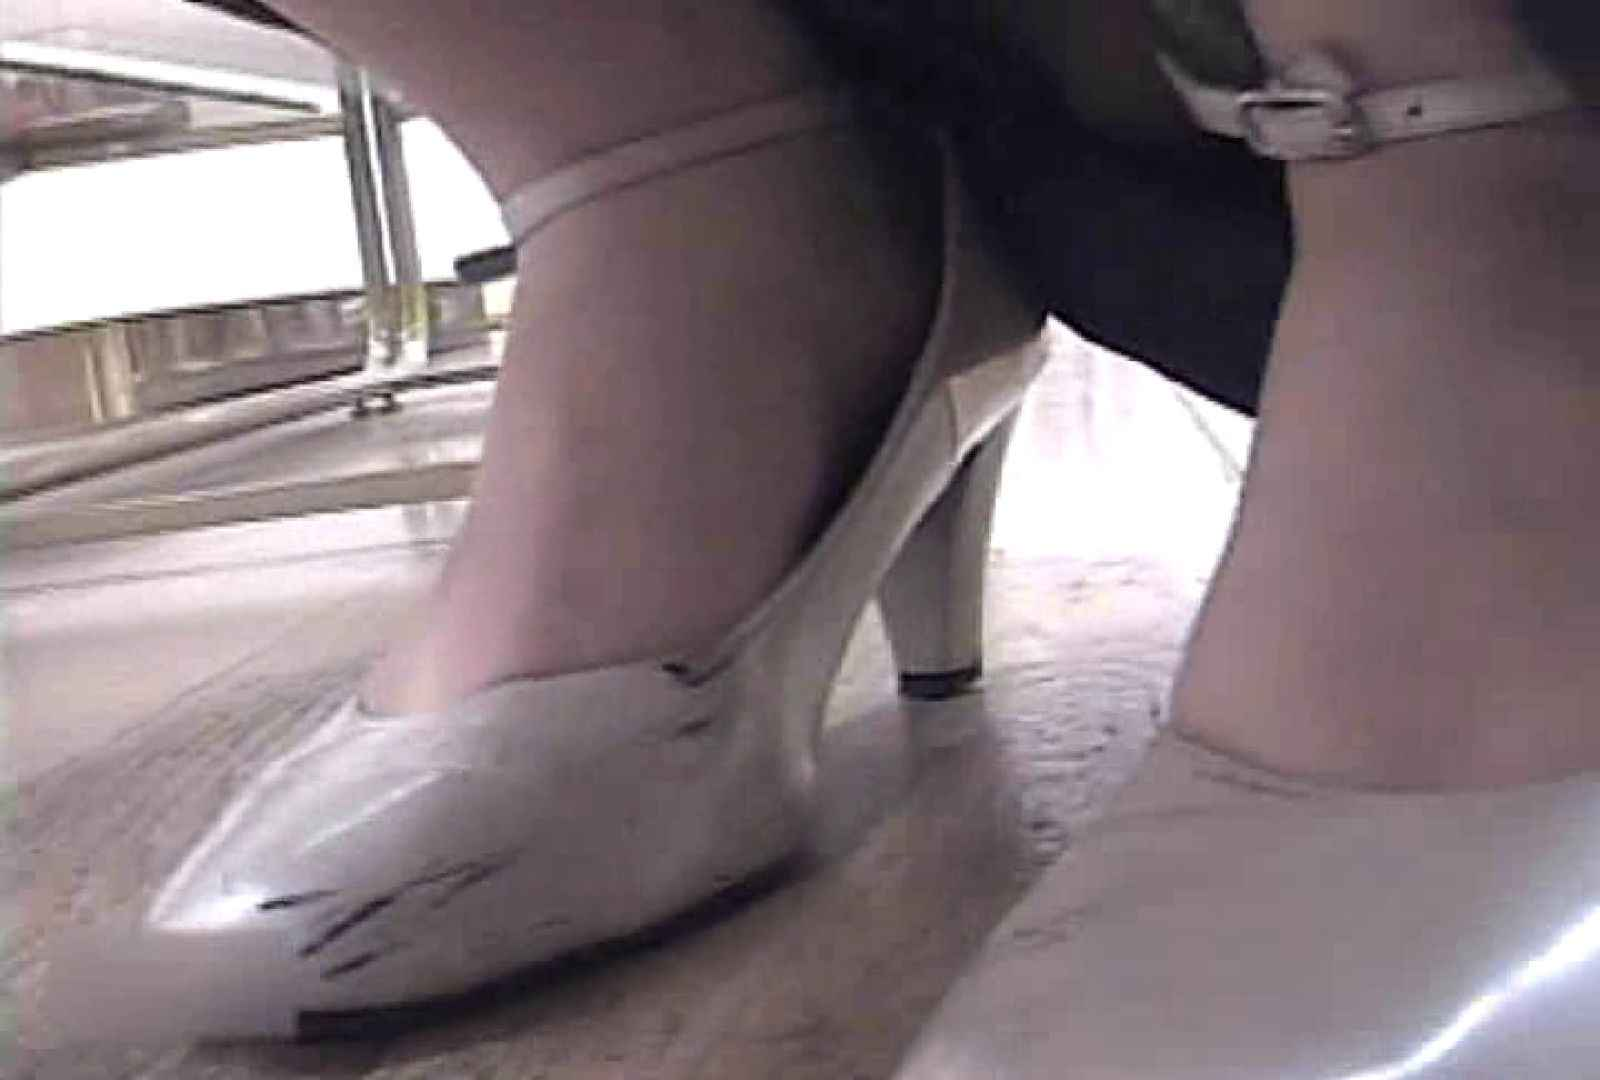 ショップ店員のパンチラアクシデント Vol.25 新入生パンチラ SEX無修正画像 104pic 15